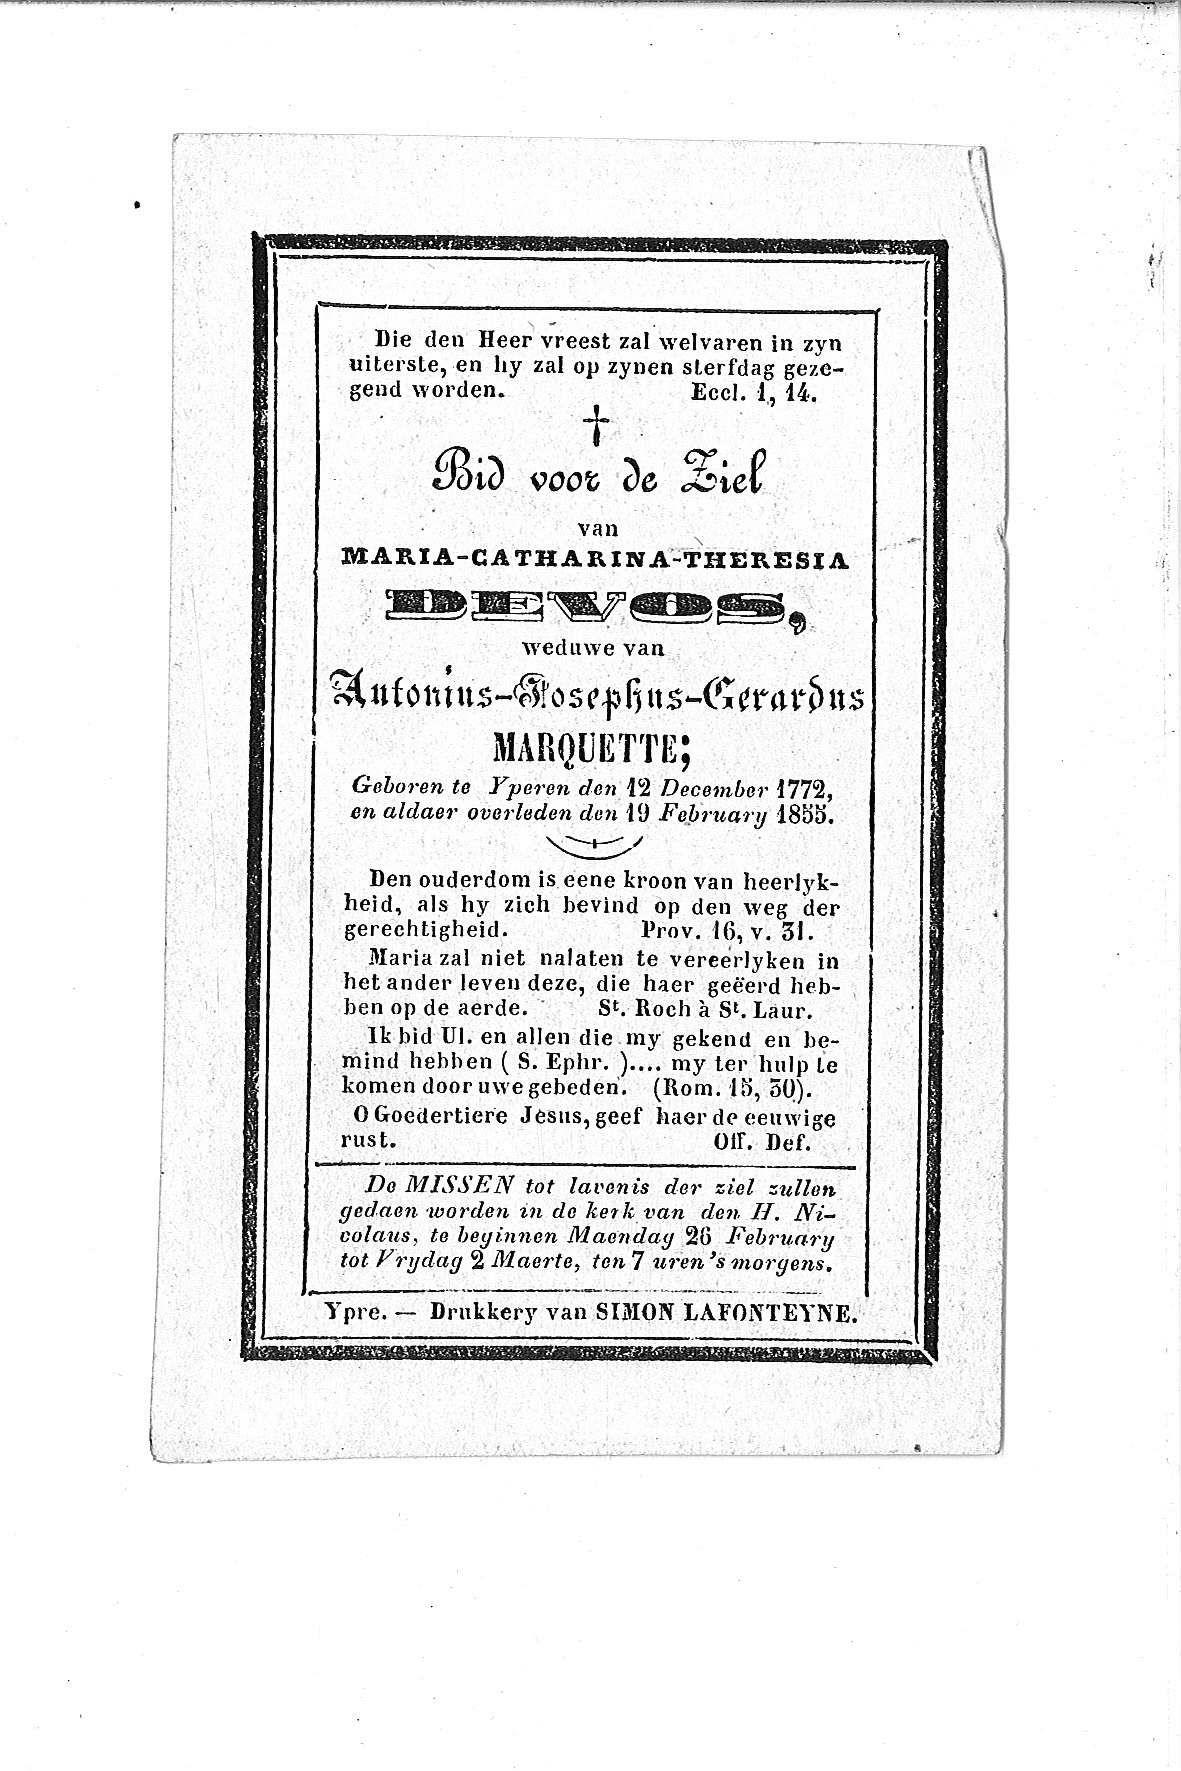 Maria-Catharina-Theresia (1855) 20120229094155_00104.jpg